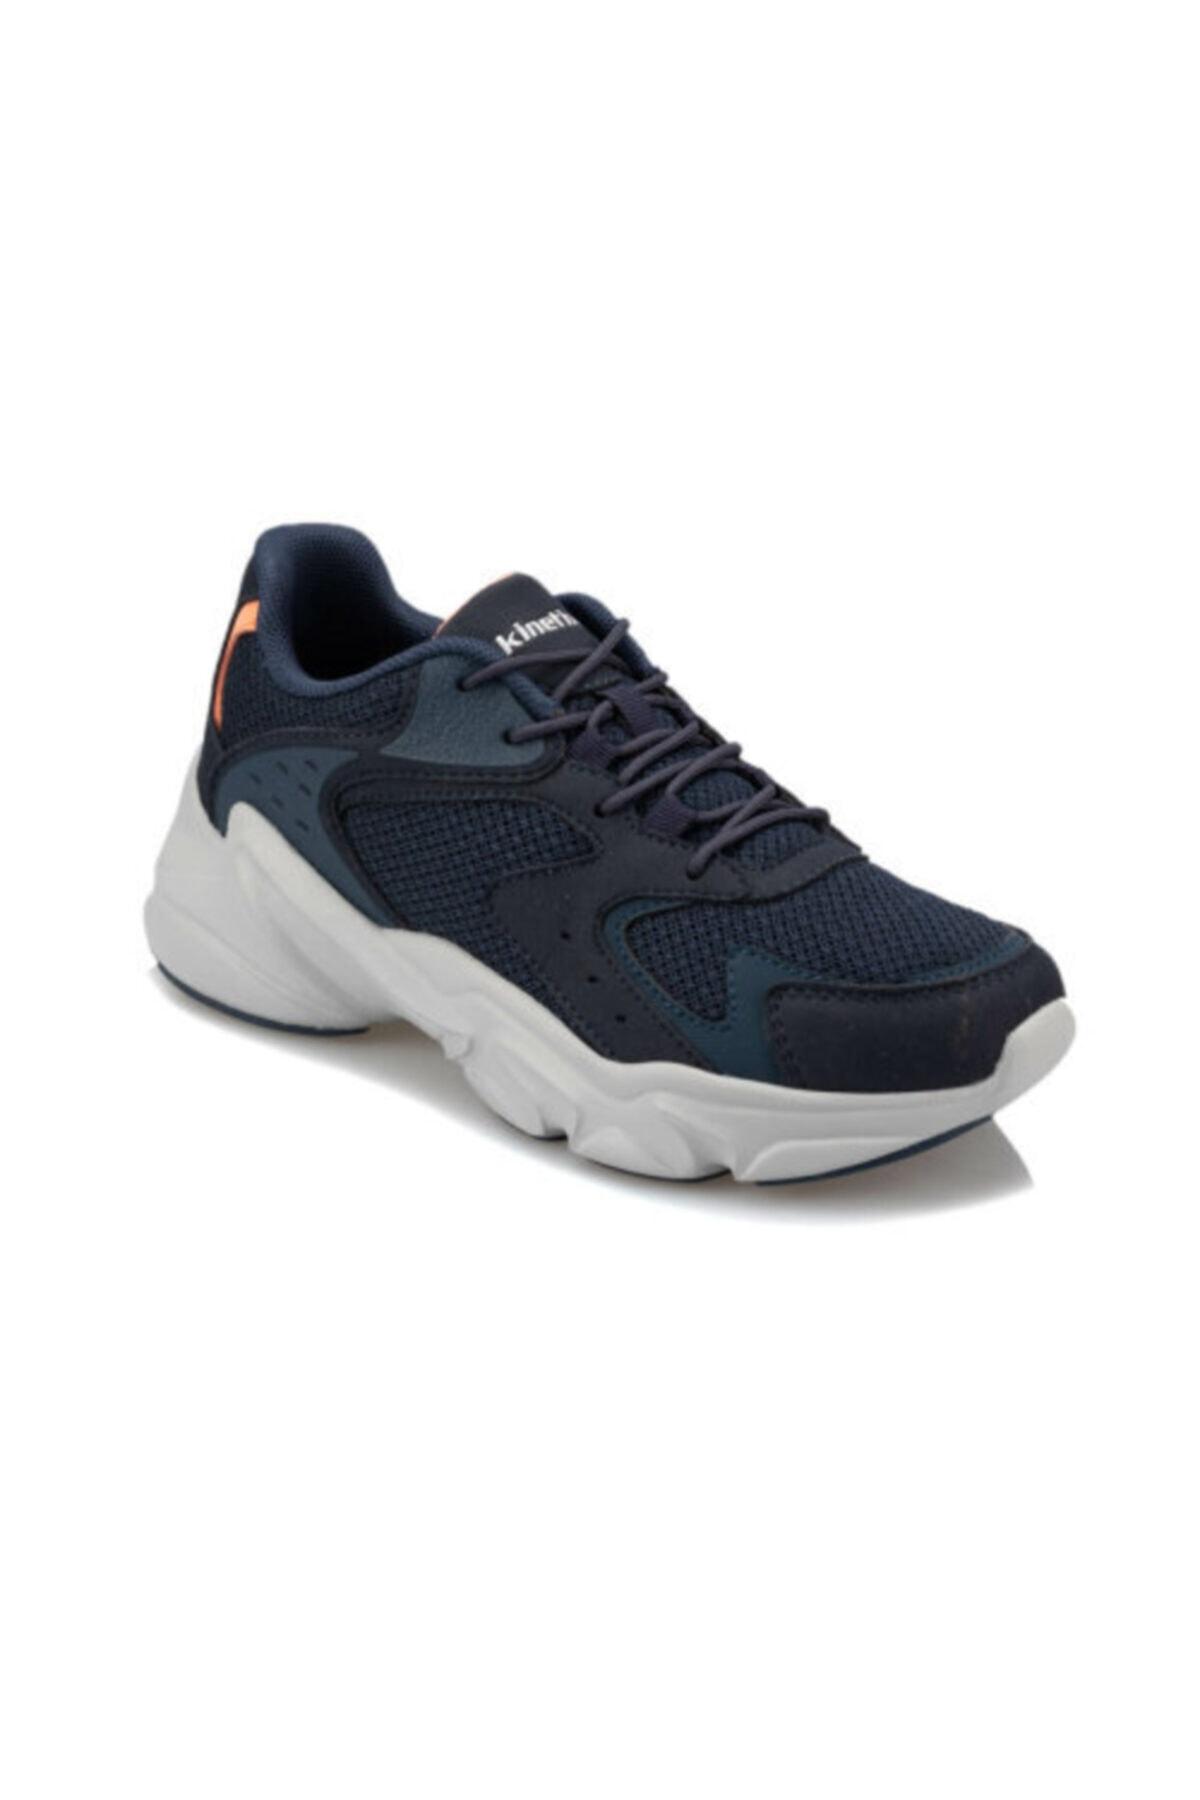 Kinetix Niles Laci-somon Yüksek Tabanlı Kadın Spor Ayakkabı